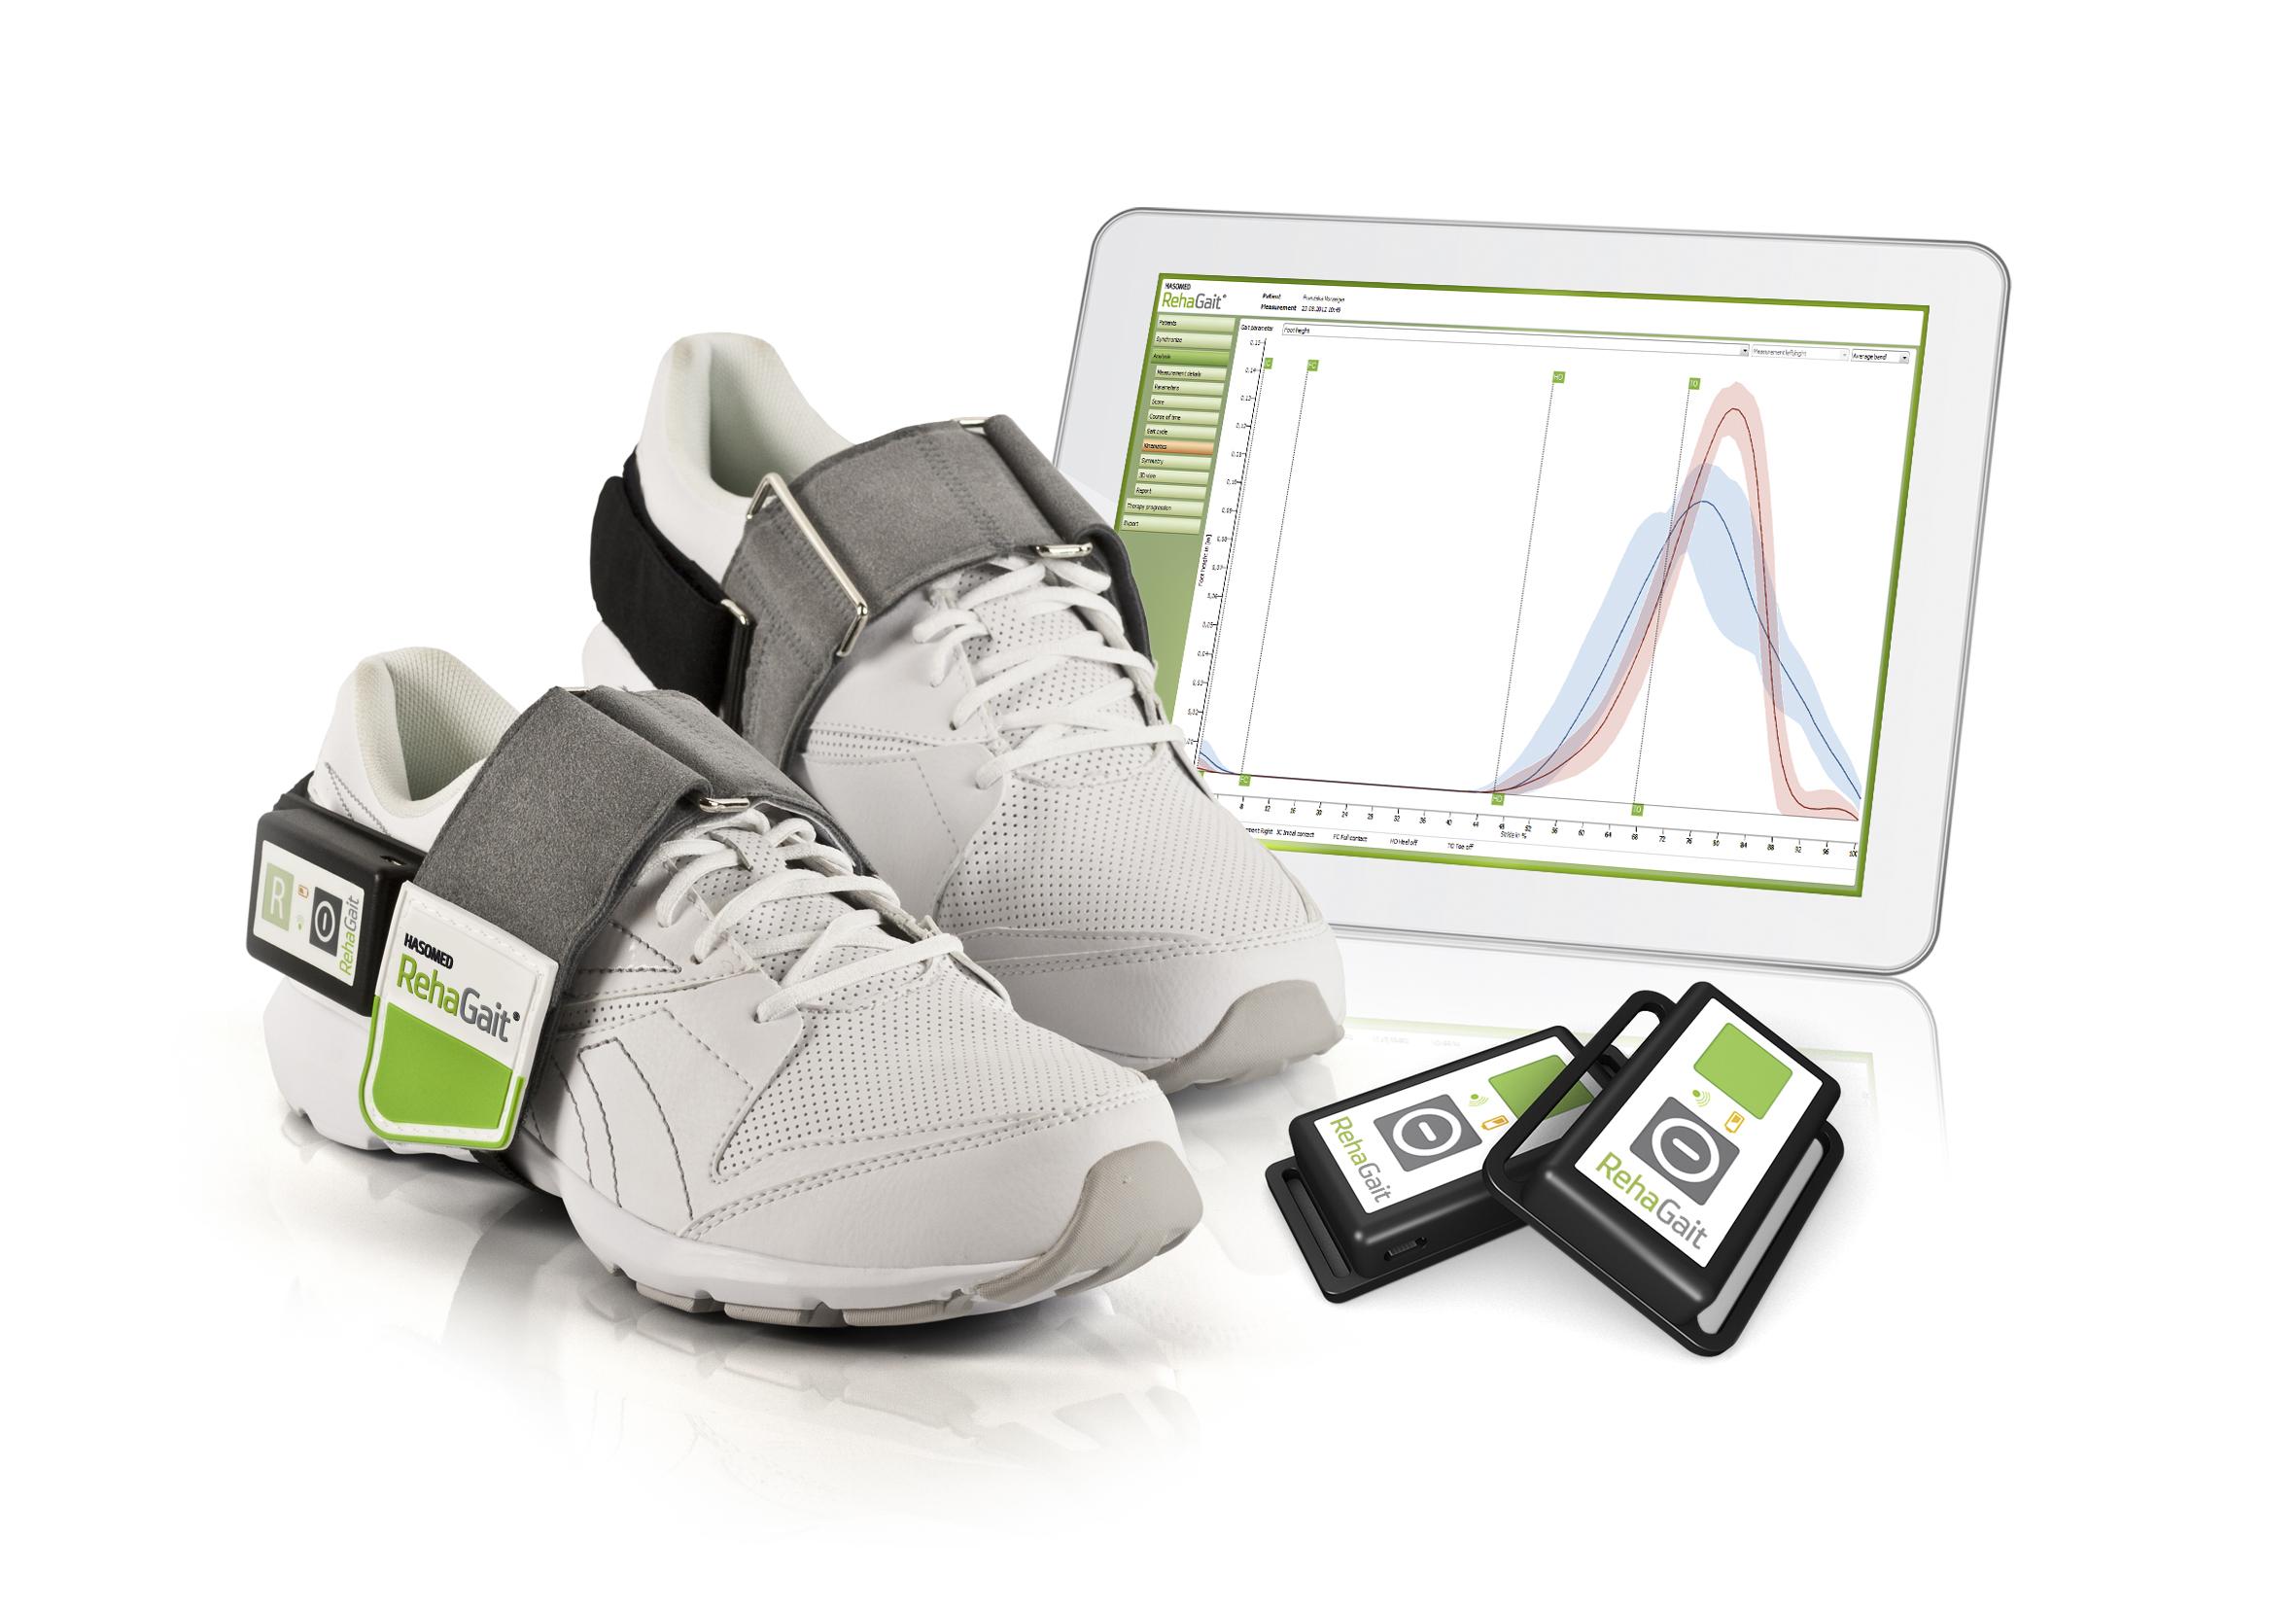 aidmoving Schuhe mit Sensoren und Tablet